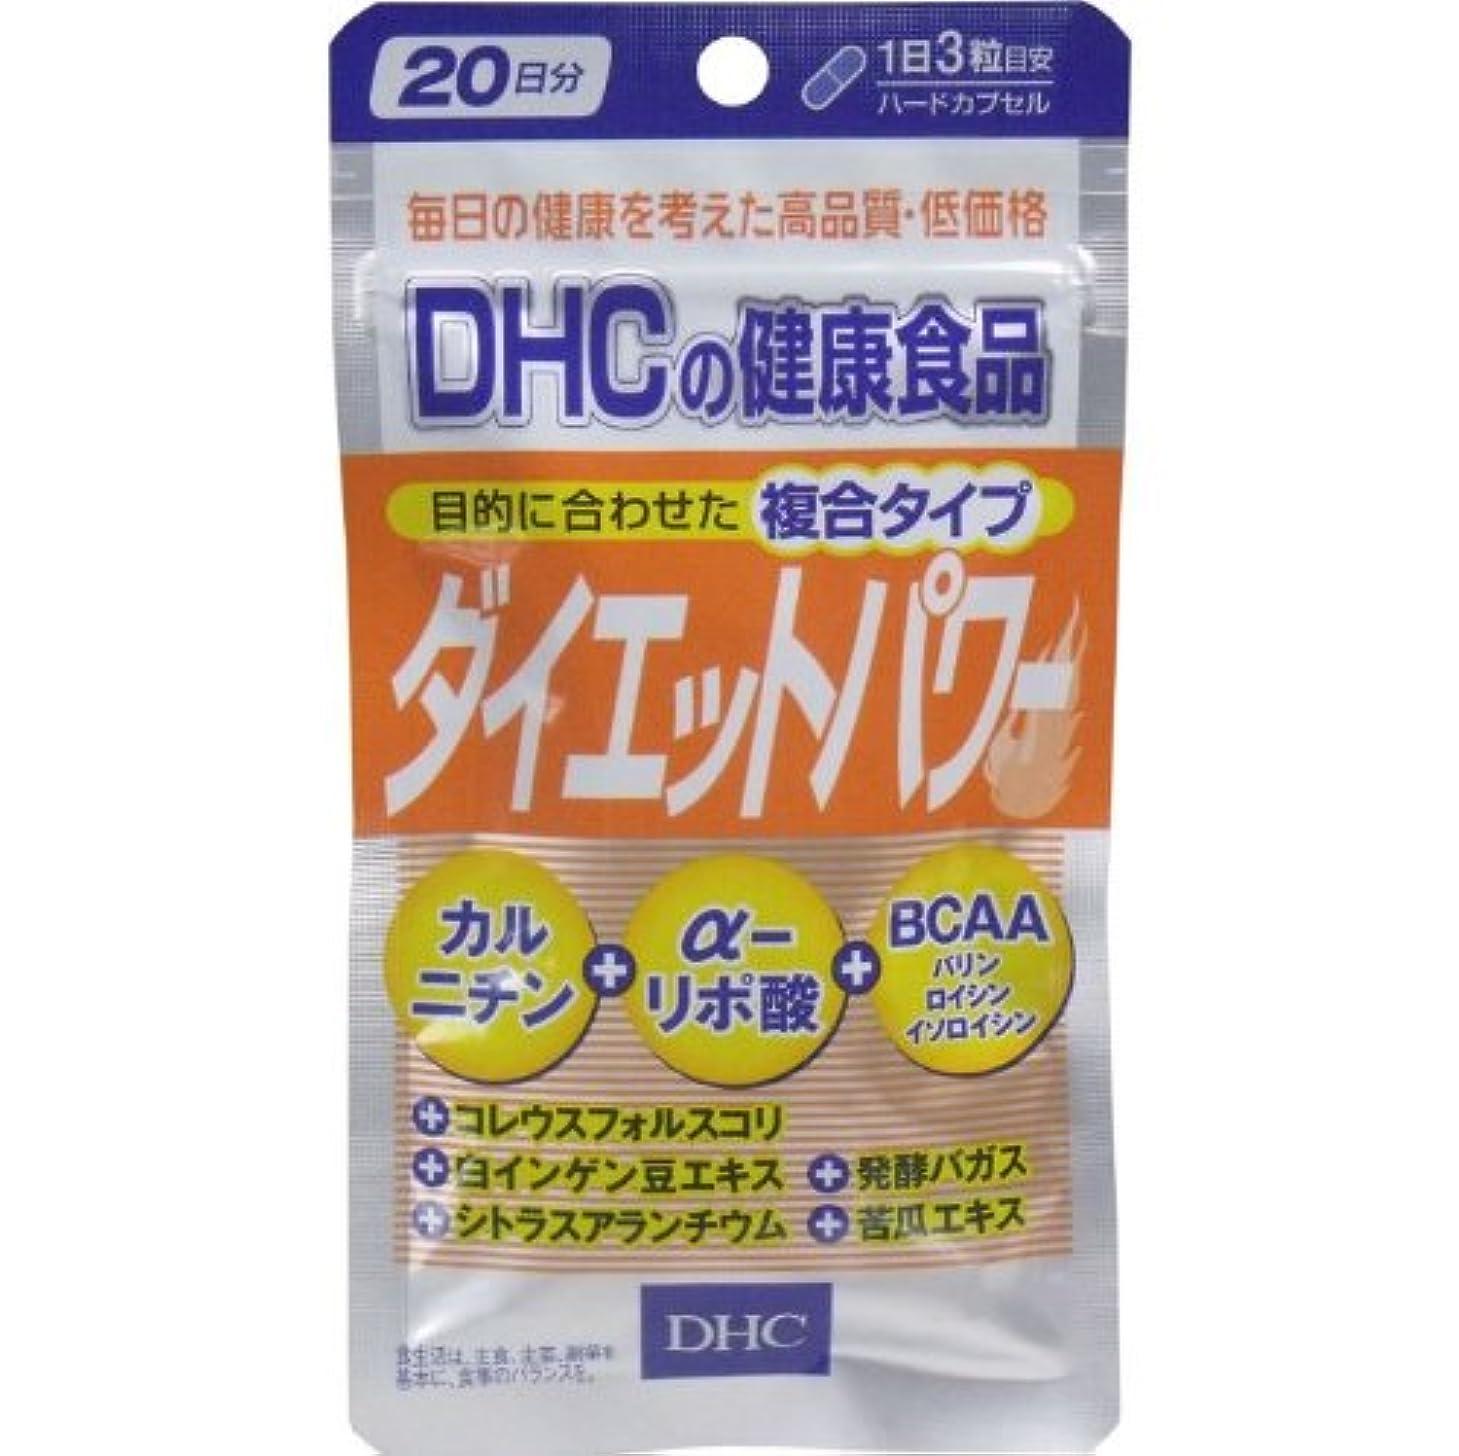 膨らみ概しておいしいDHC ダイエットパワー 60粒入 20日分【2個セット】